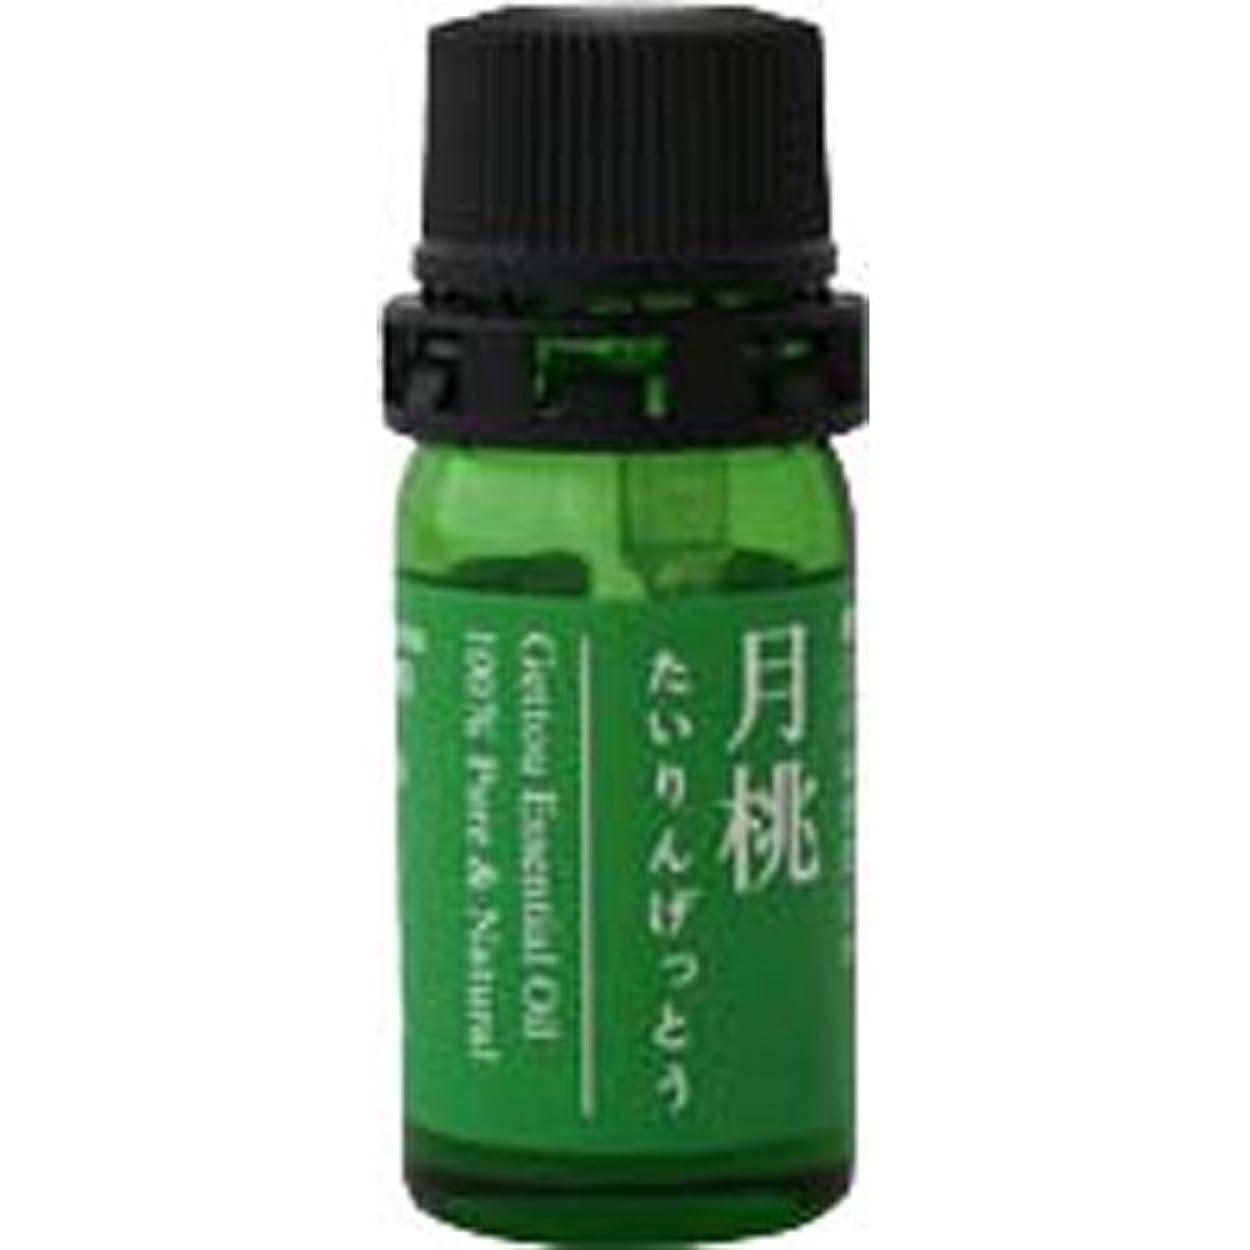 傘最後の生きる月桃 エッセンシャルオイル (タイリン) 2.5ml